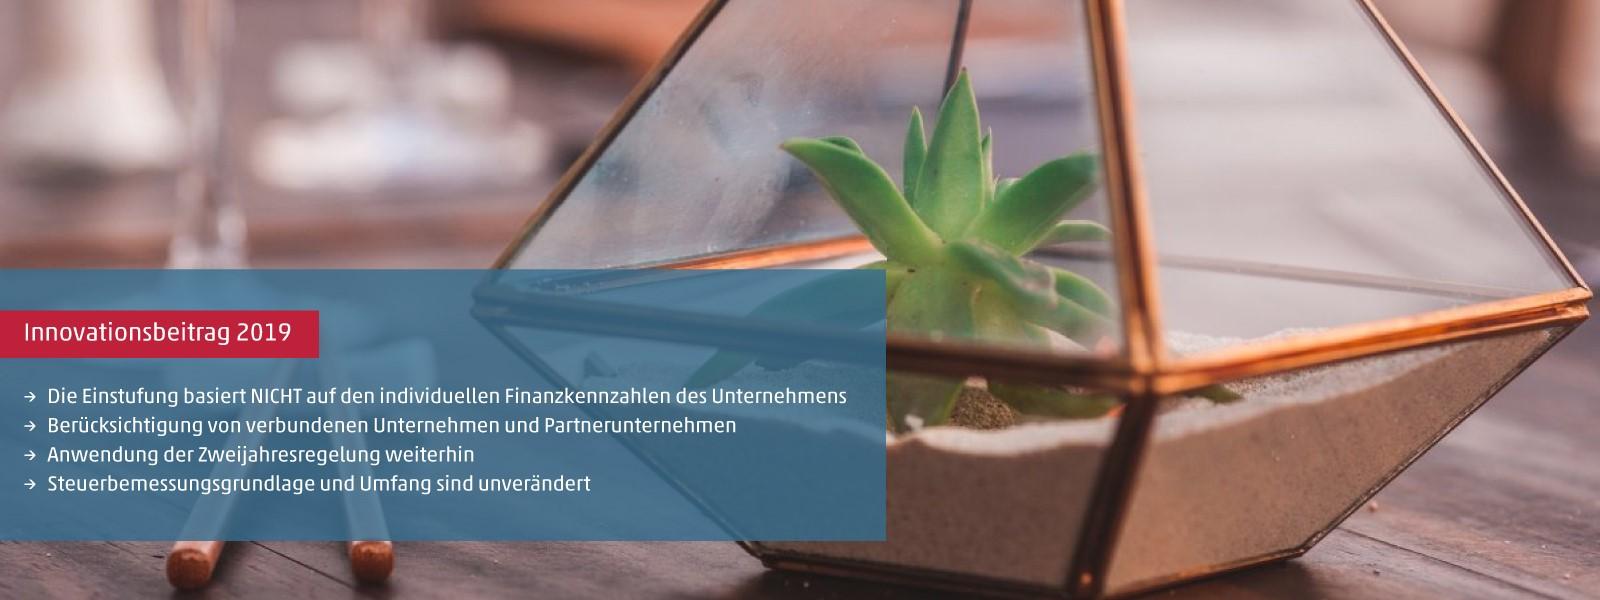 Ab 2019 eine weitere Änderung in der Regelung zum Innovationsbeitrag